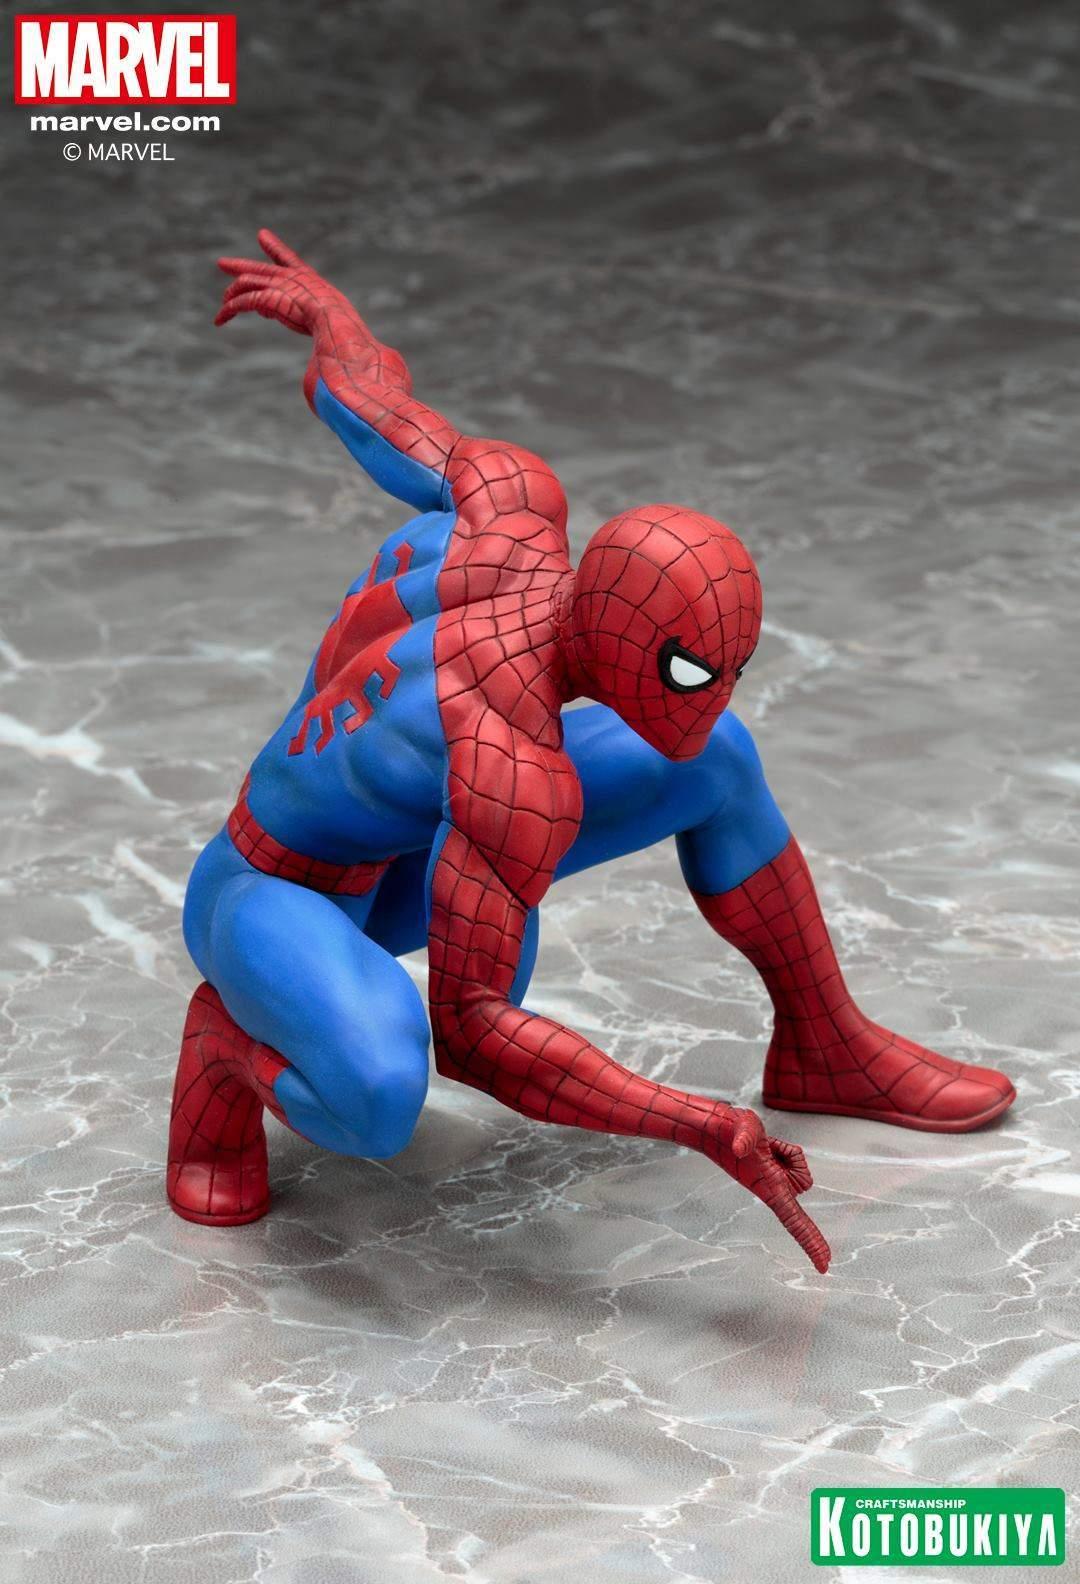 Spider-Man Marvel Now ArtFx+Statue Kotobukiya